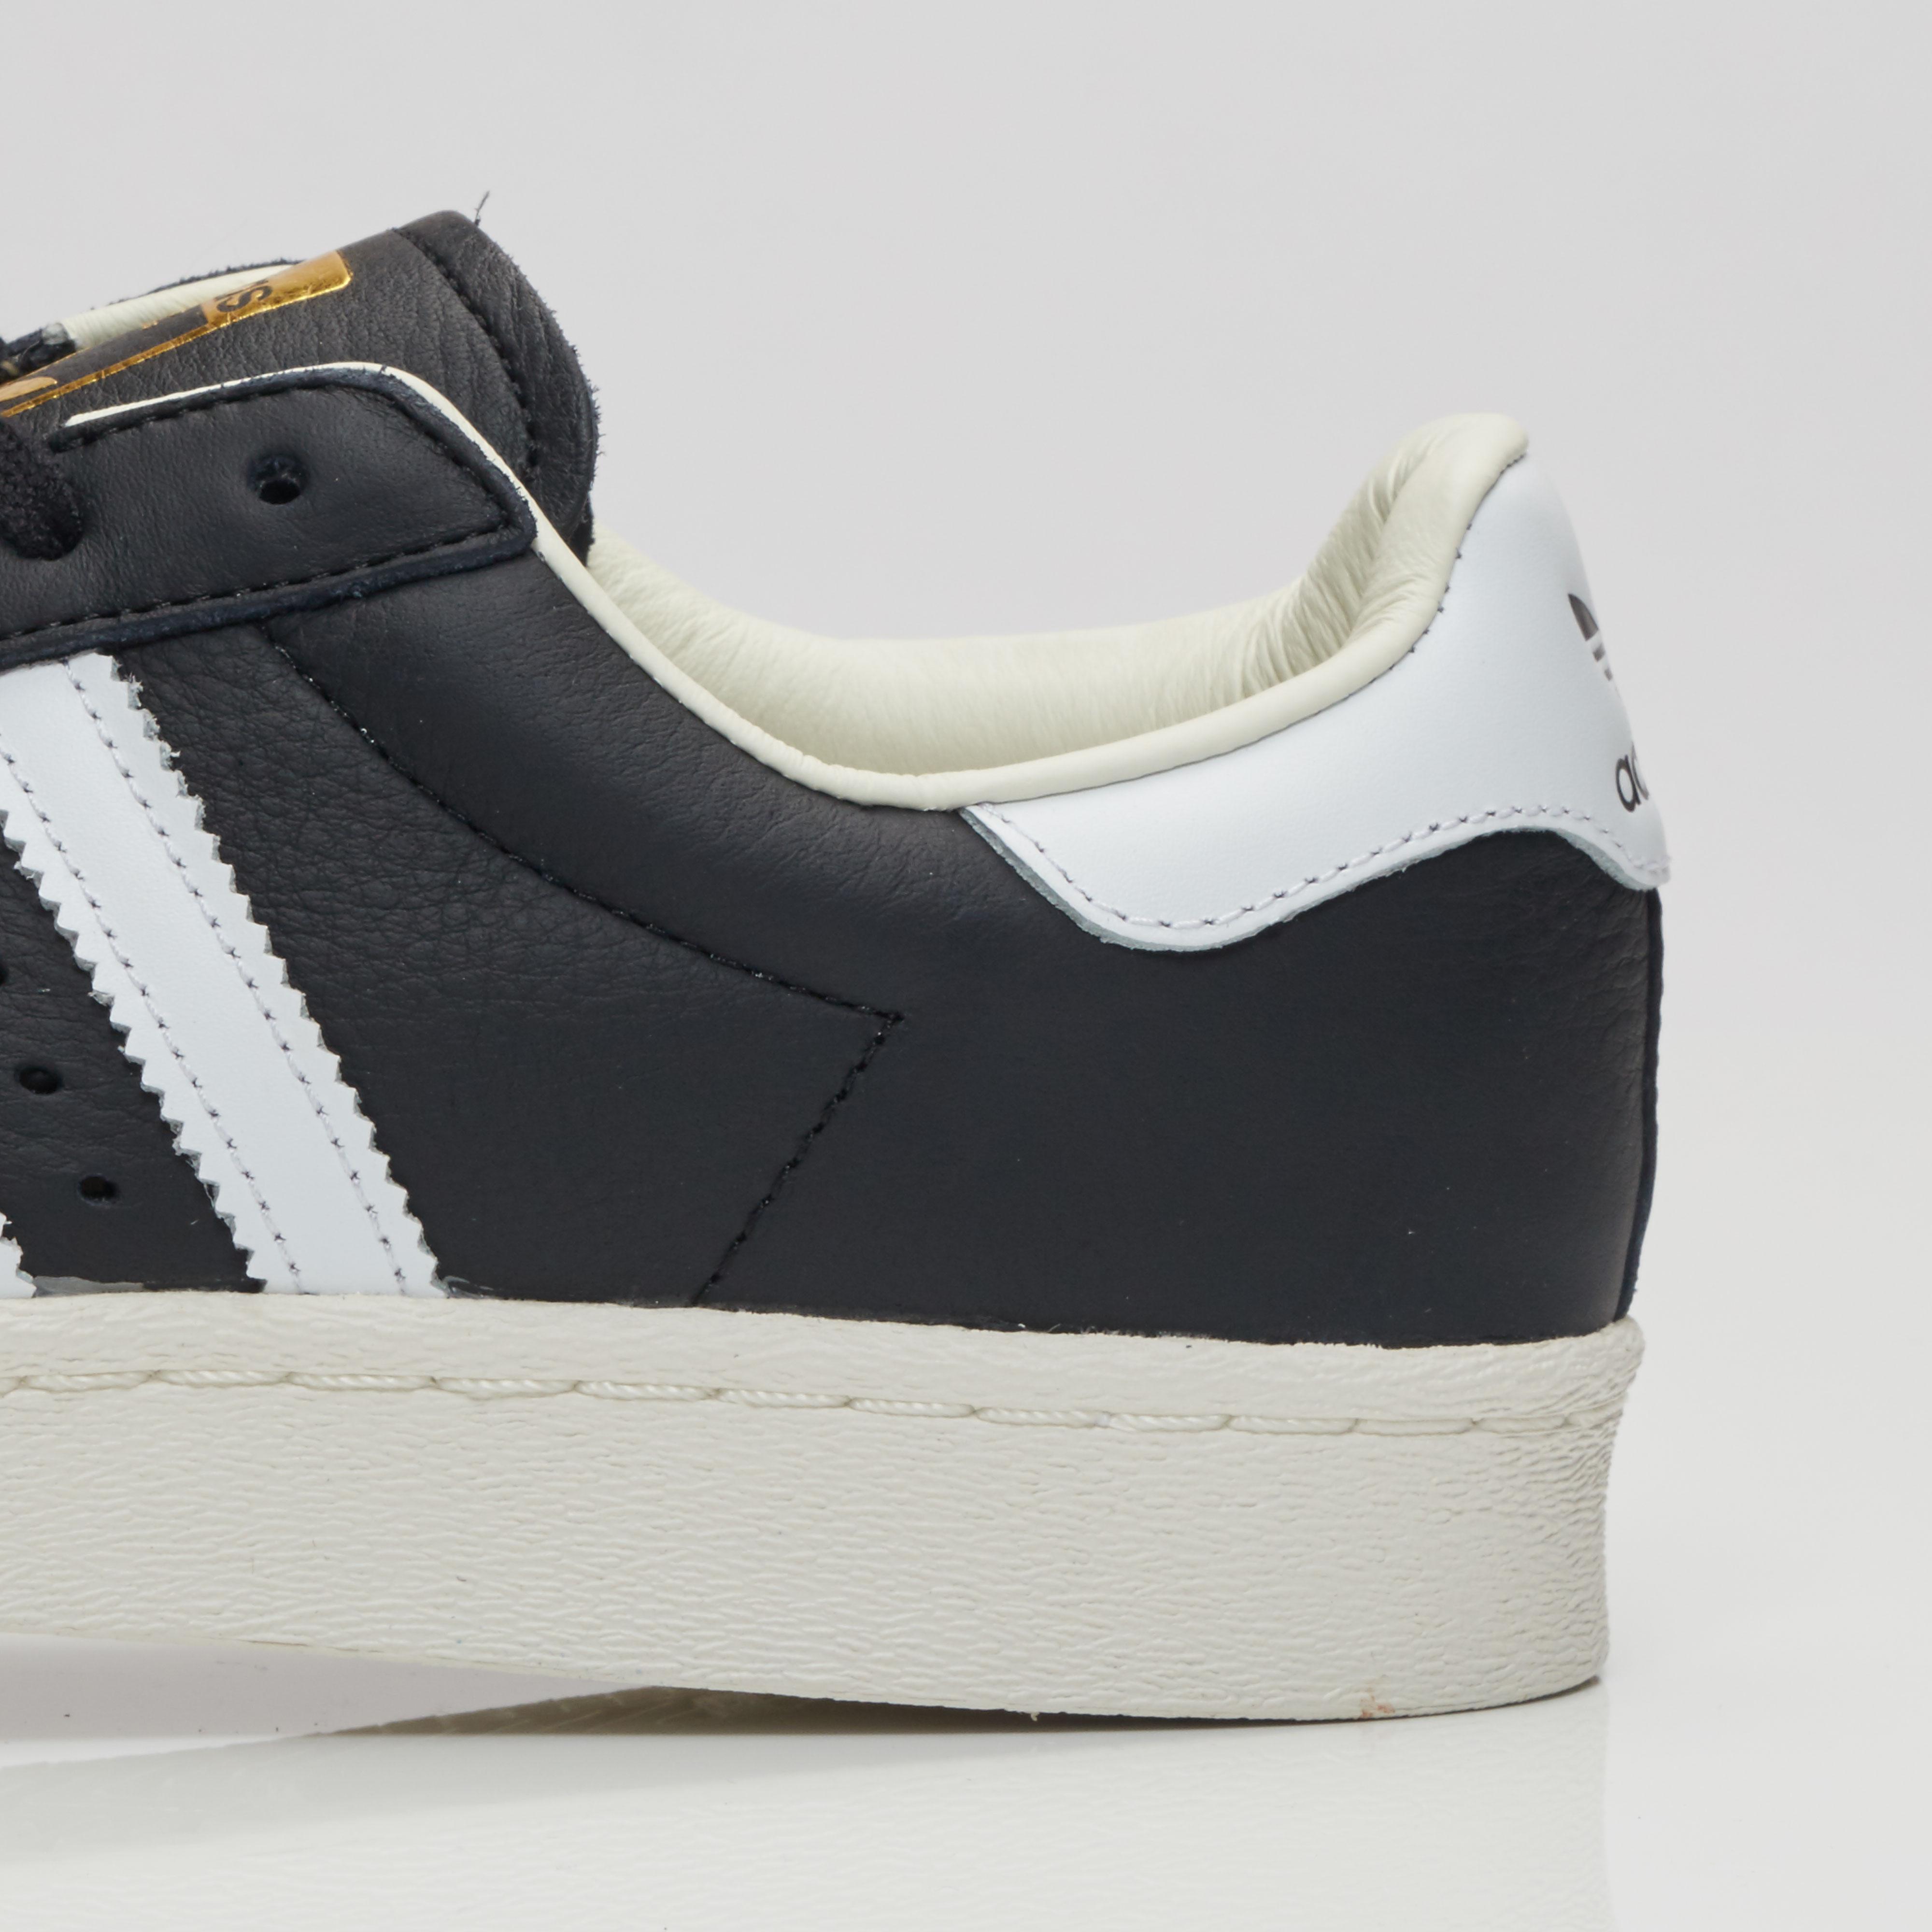 Adidas superstar impulso bb0189 scarpe da ginnasticanstuff scarpe